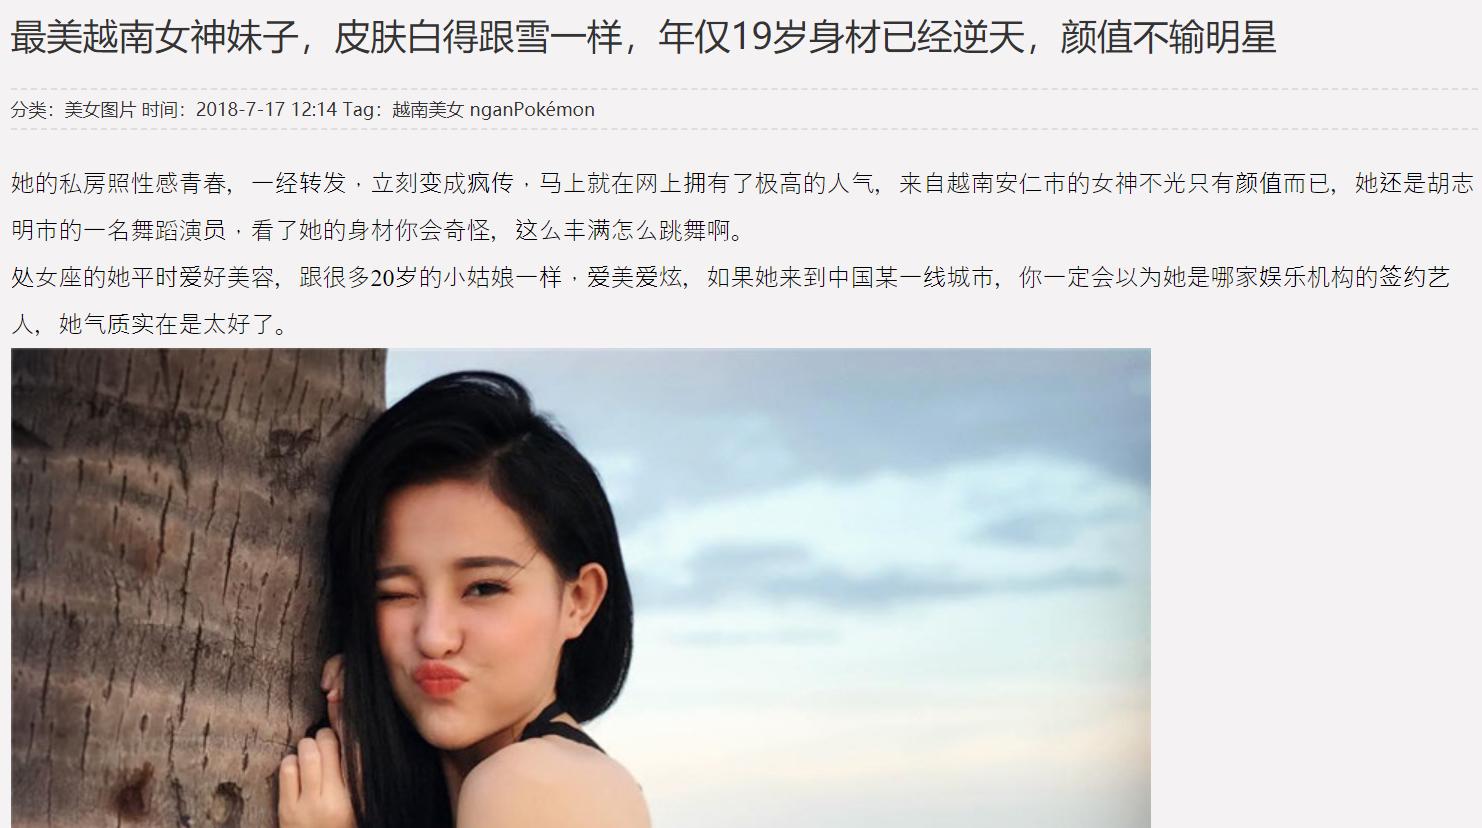 Ngân 98 được báo Trung Quốc khen nức nở, được gọi là nữ thần đẹp nhất Việt Nam - Ảnh 1.